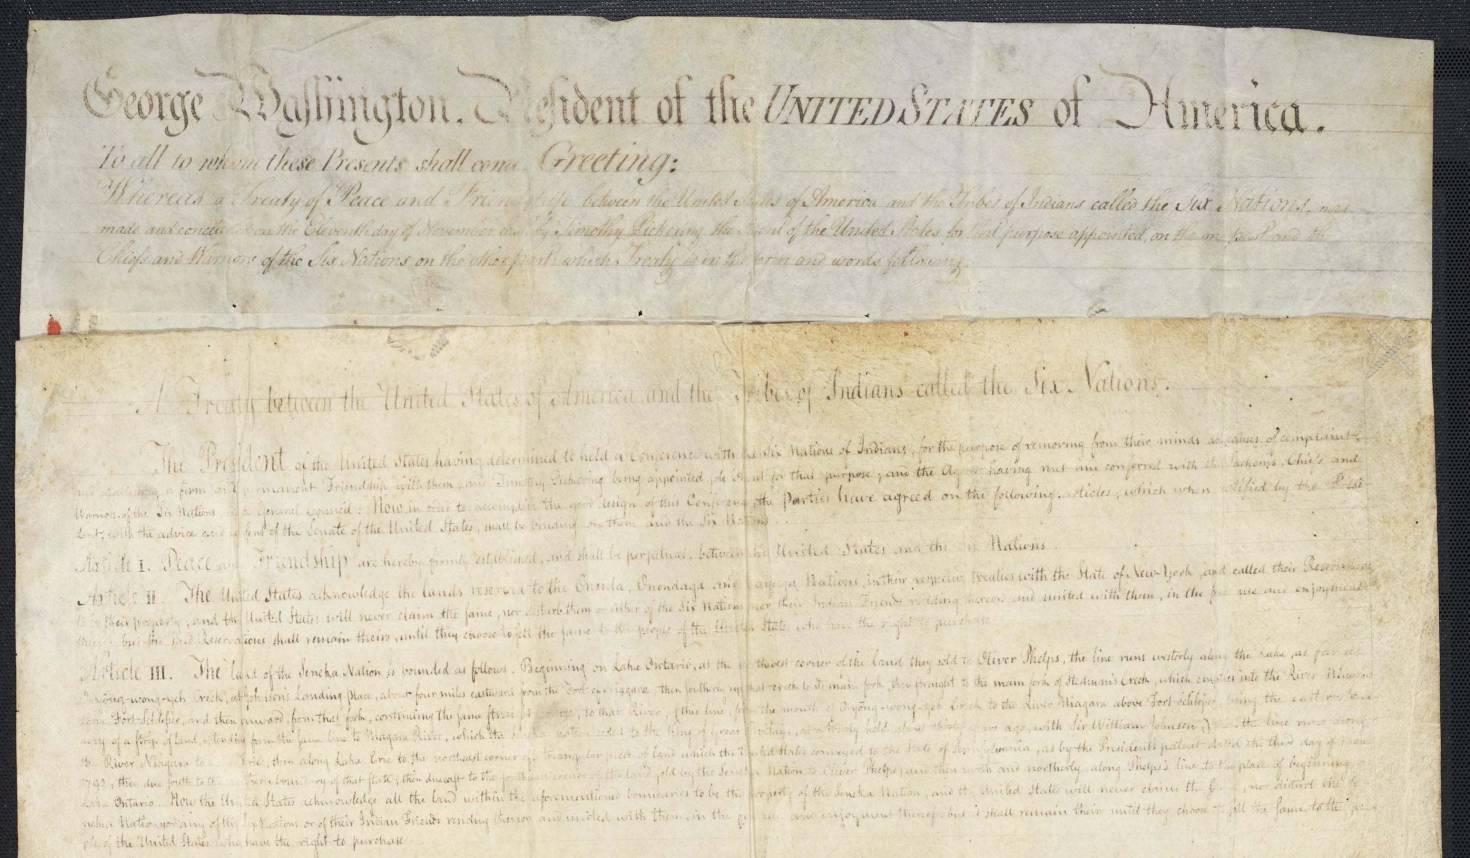 Treaty of Canandaigua